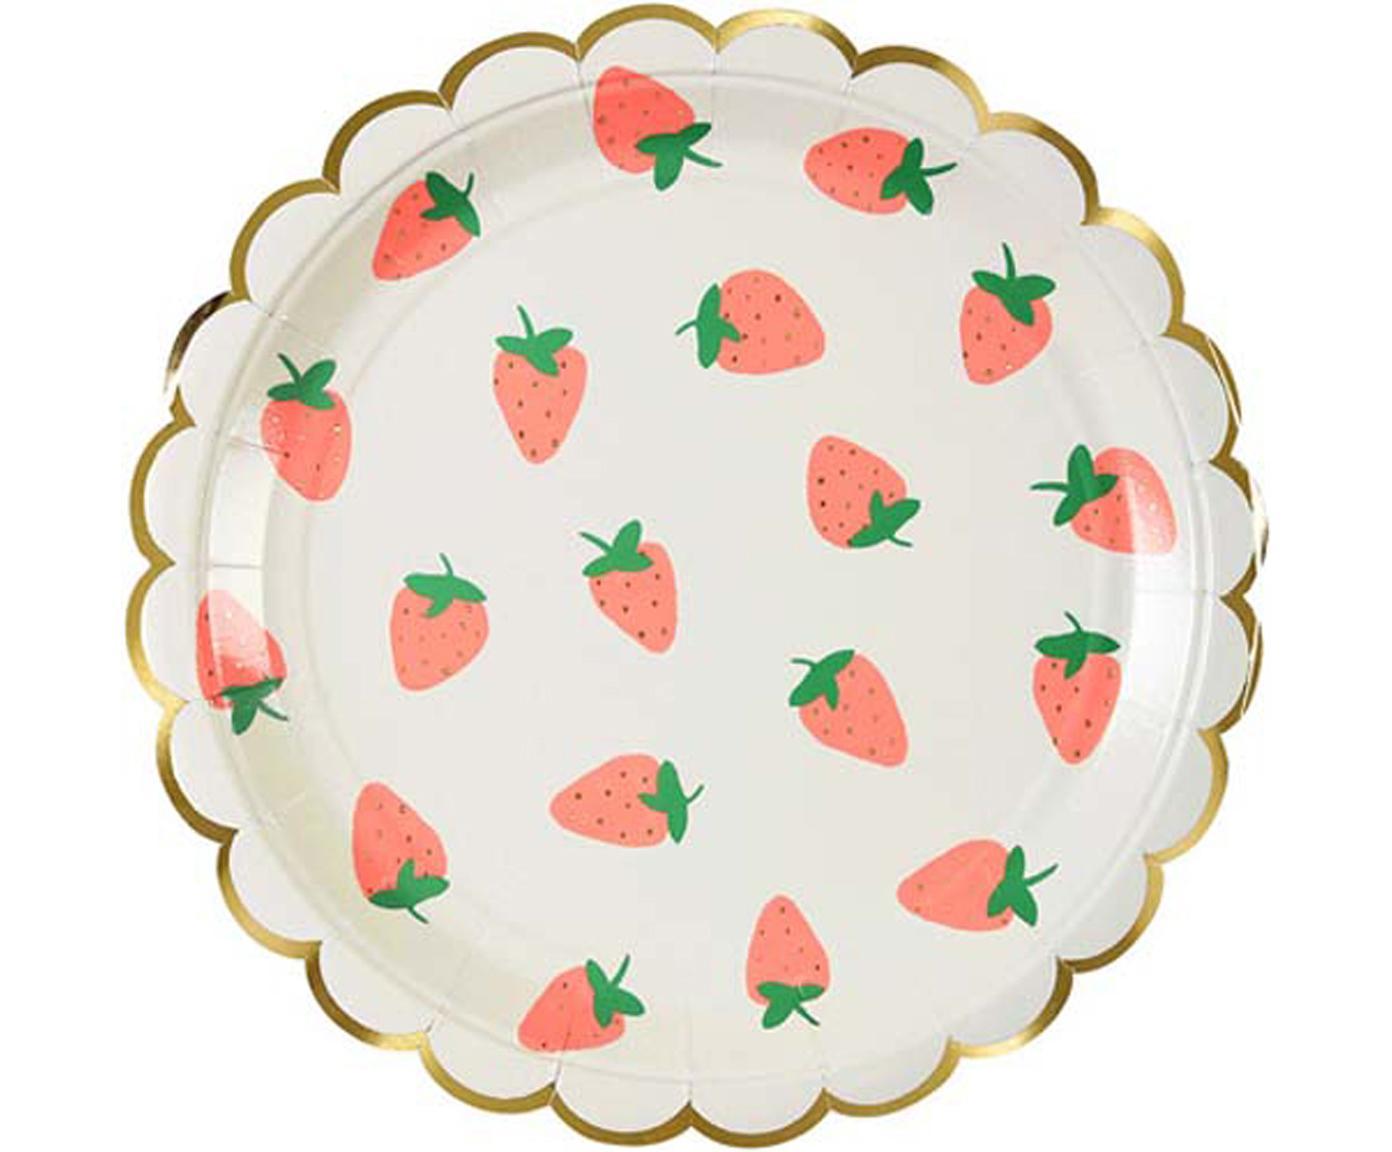 Papieren borden Strawberry, 8 stuks, Gecoat papier, Wit, roze, groen, Ø 20 x H 1 cm